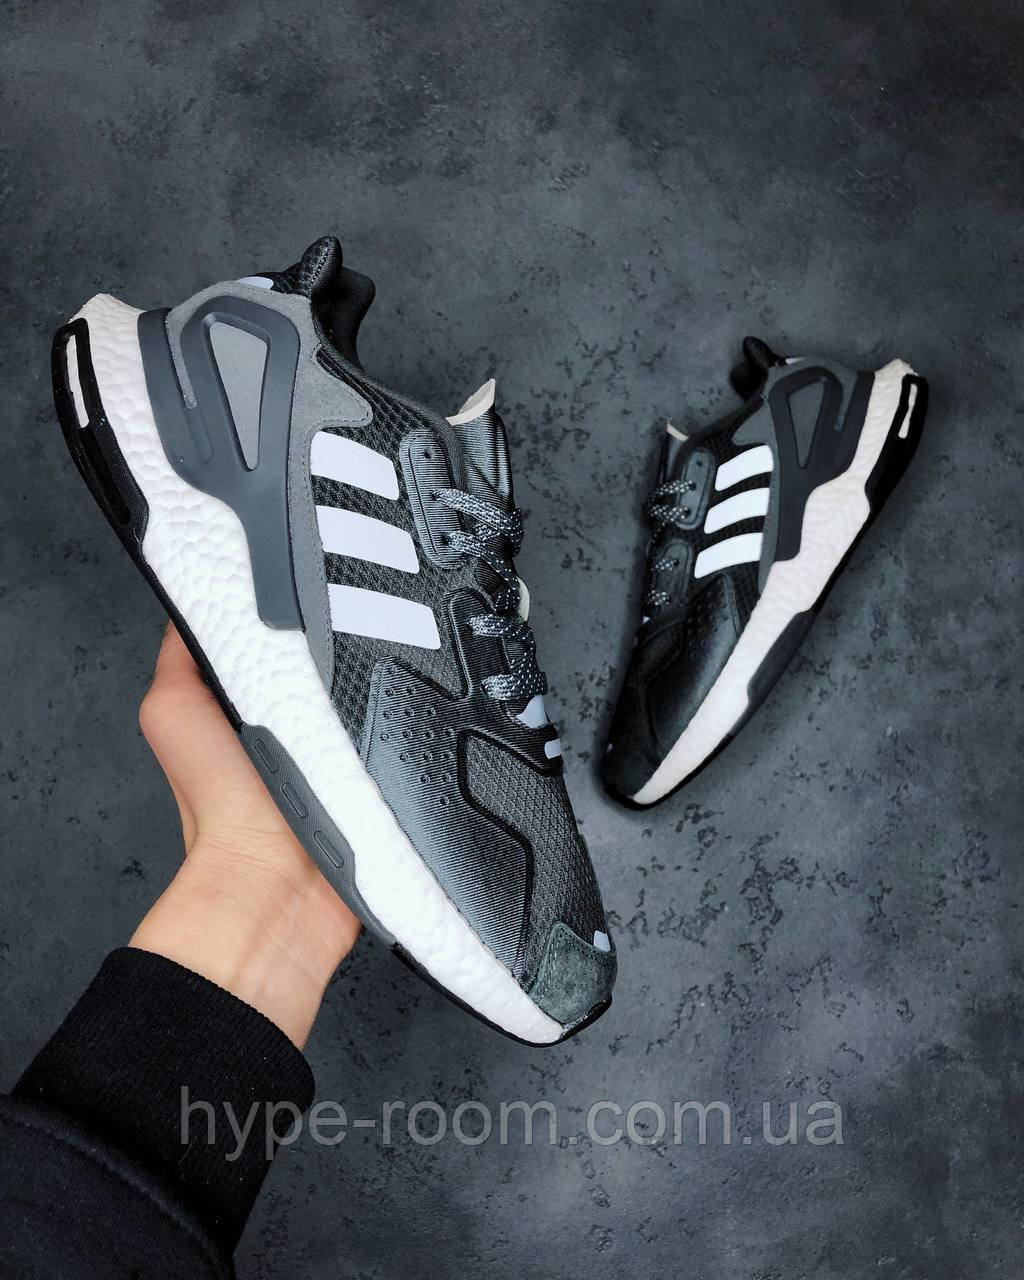 Чоловічі Кросівки Adidas EQT Dark Grey адідас еквіпмент